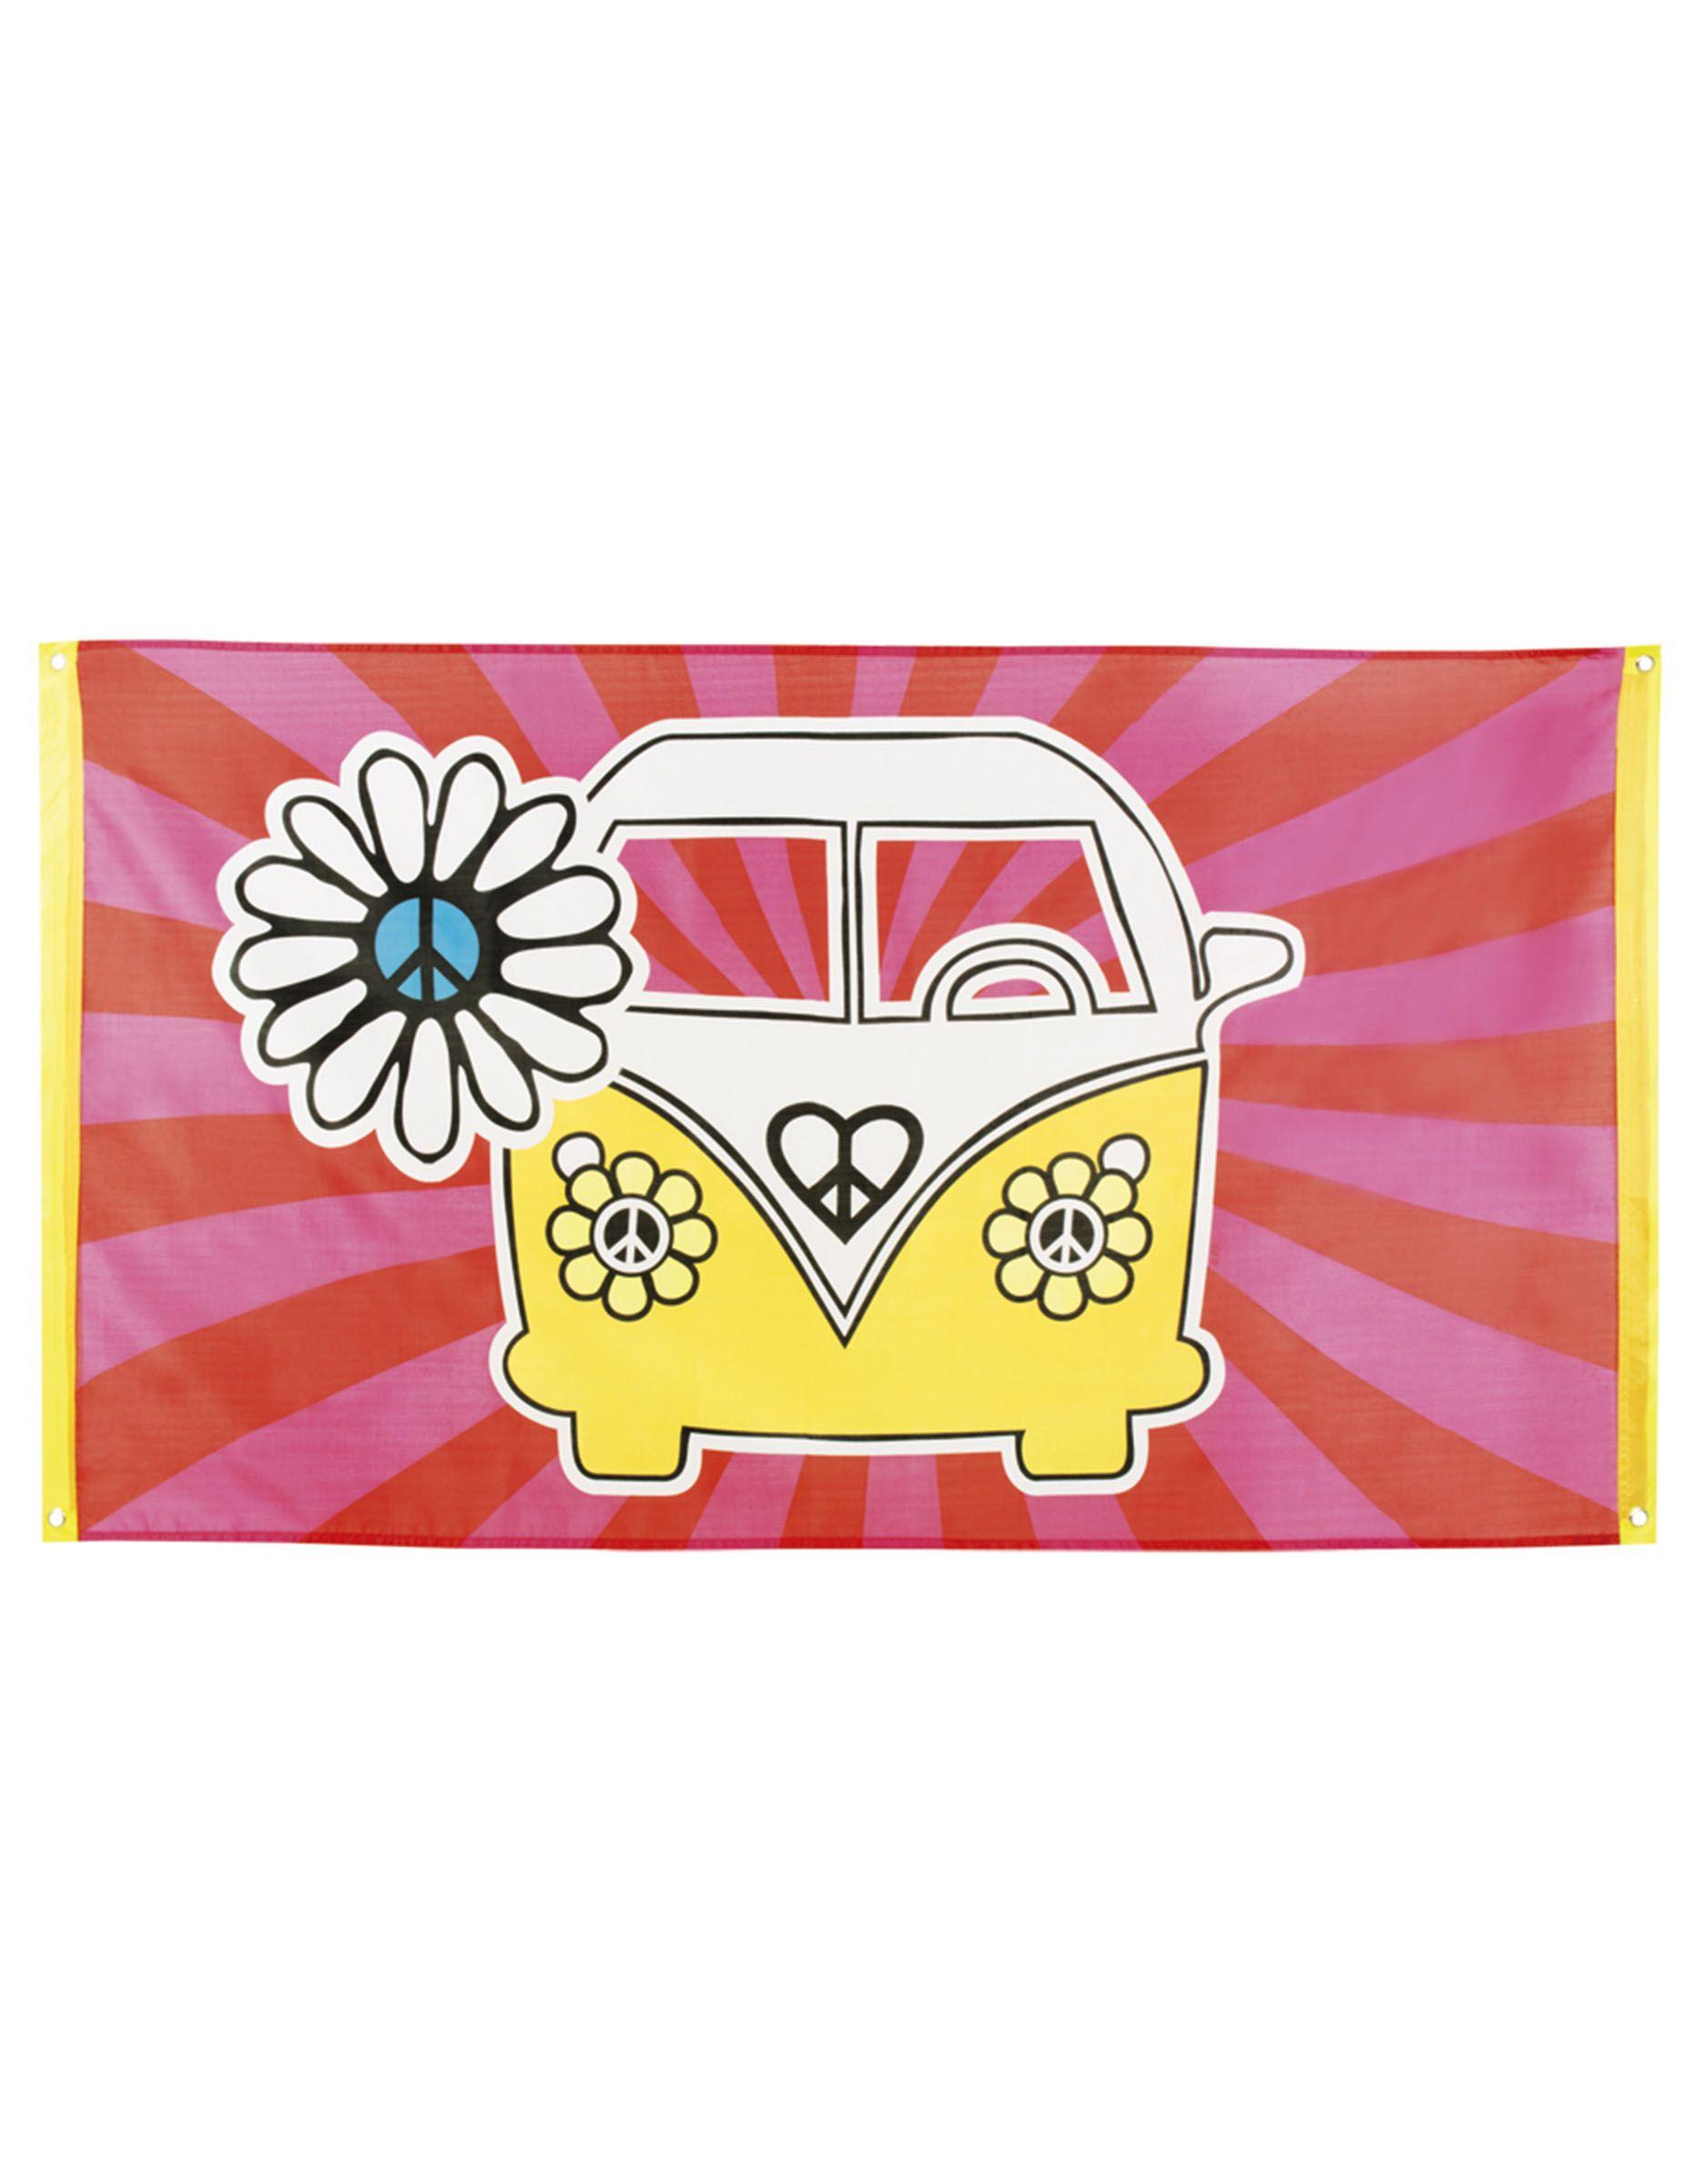 Bandiera Flower Power Hippie su VegaooParty, negozio di articoli per feste. Scopri il maggior catalogo di addobbi e decorazioni per feste del web, sempre al miglior prezzo!